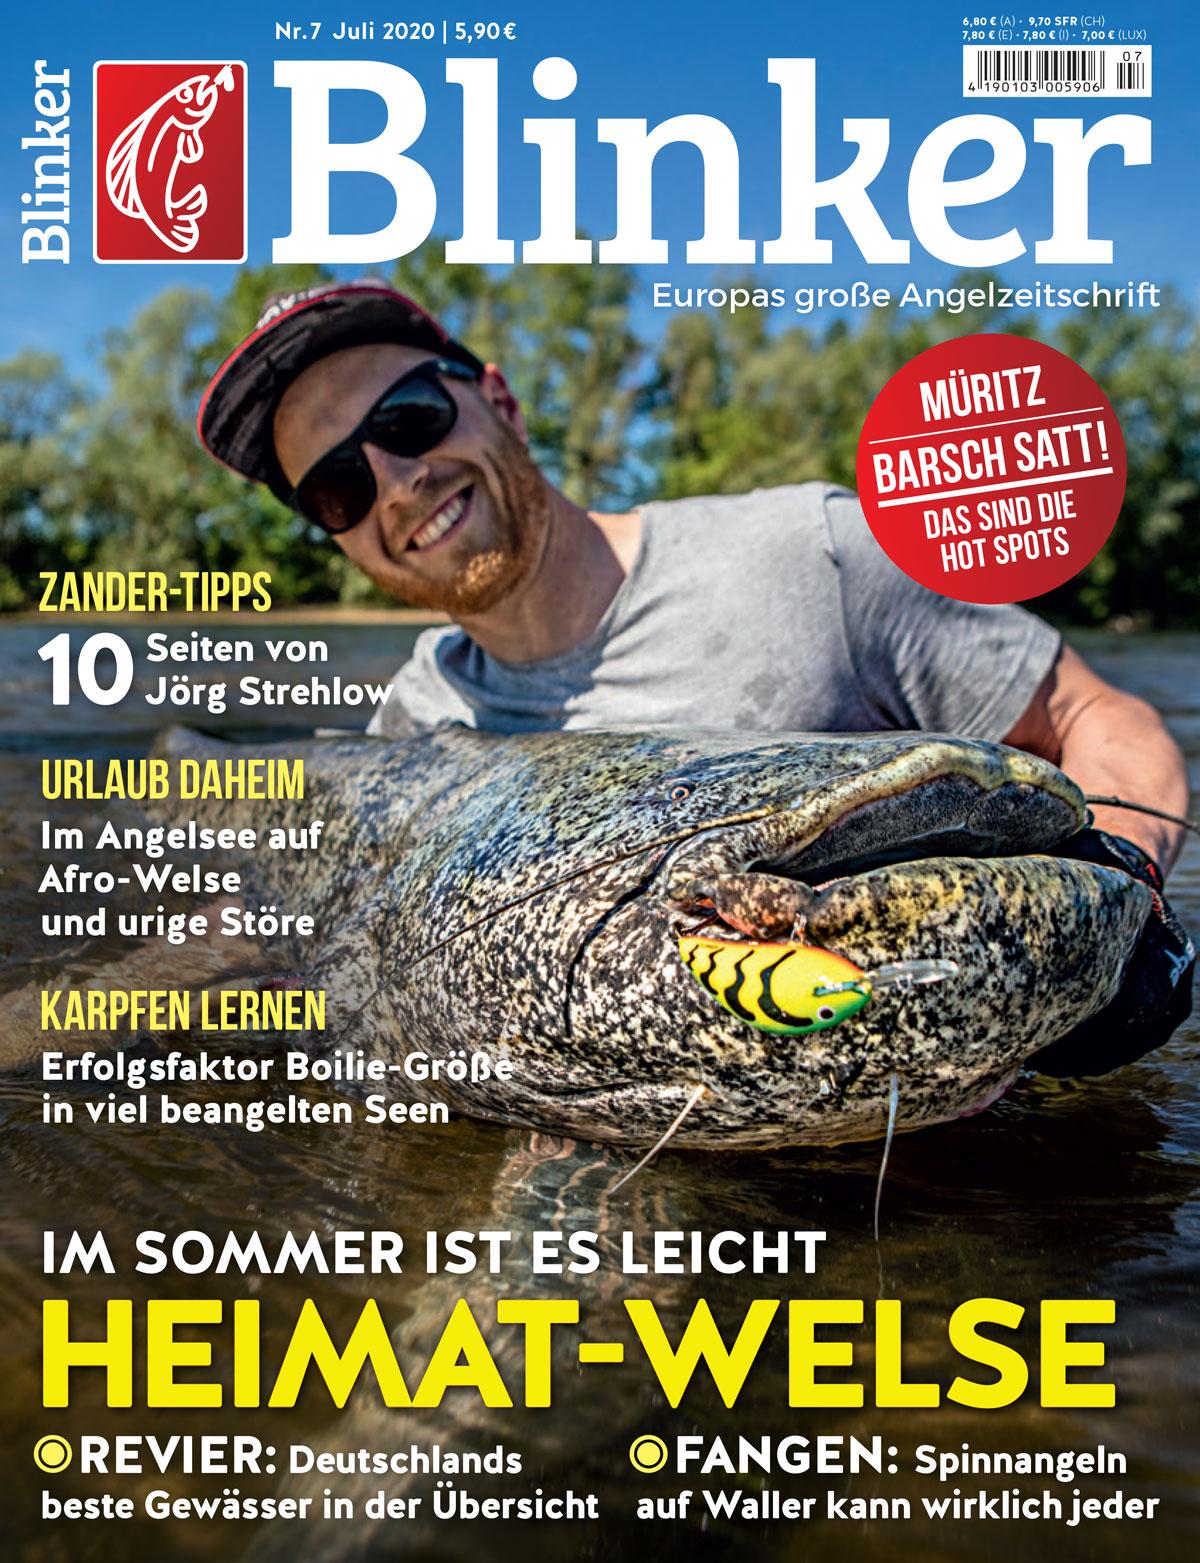 Der neue BLINKER 07/2020 – ab dem 09. Juni im Handel! Bild: BLINKER